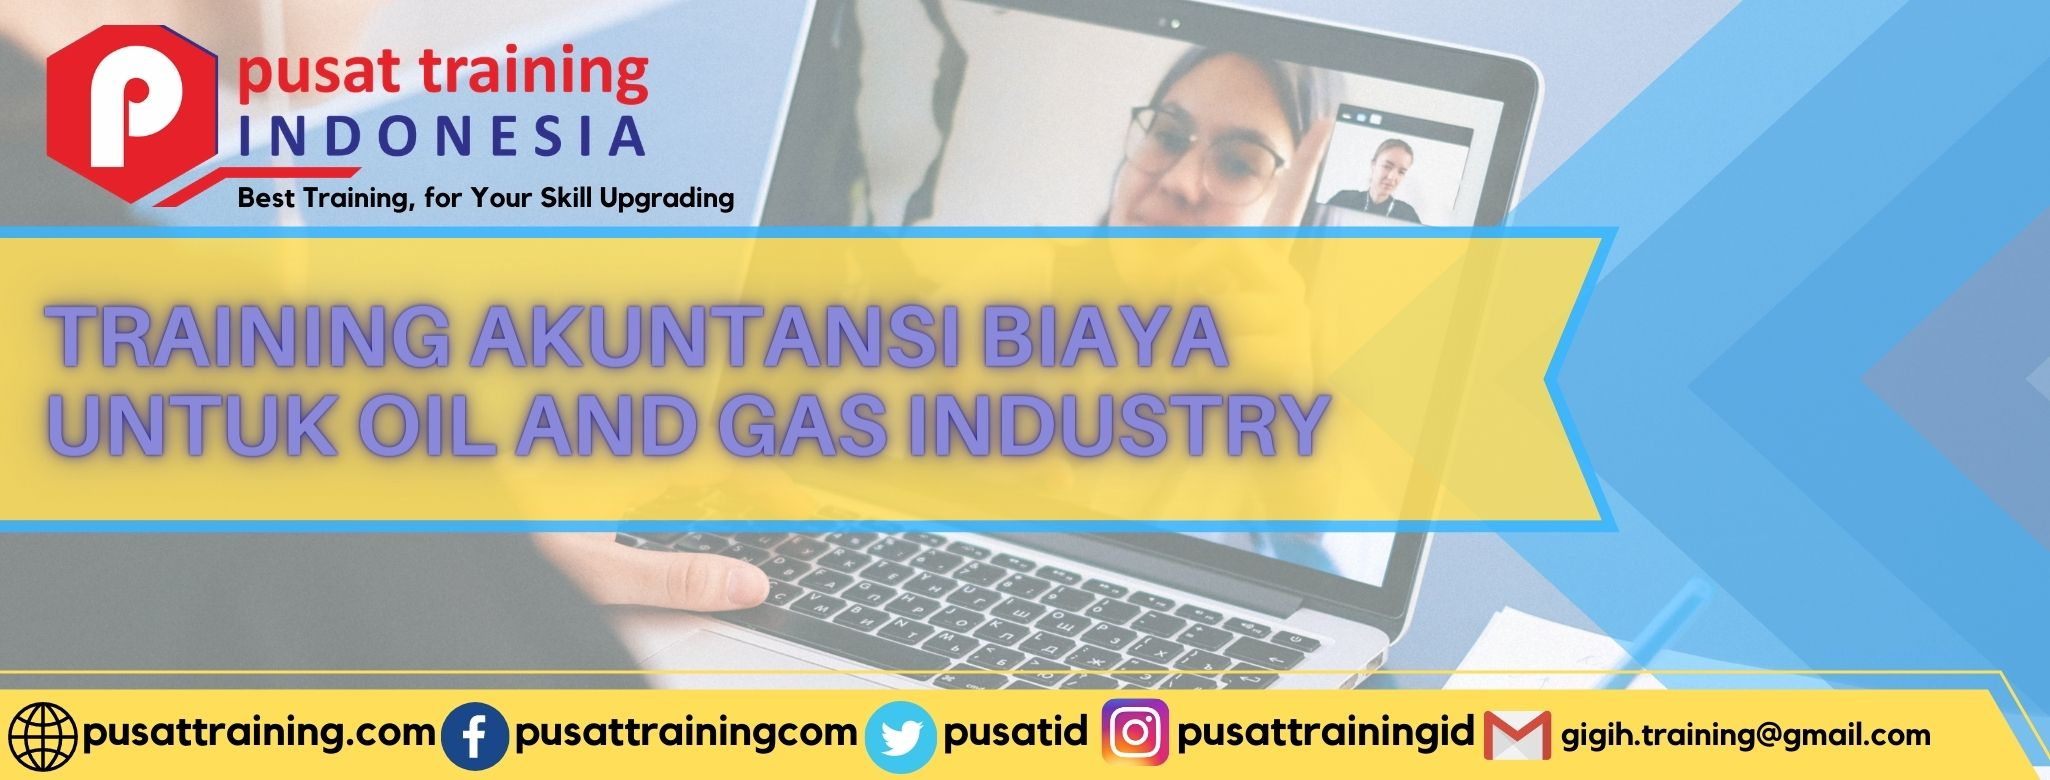 TRAINING AKUNTANSI BIAYA UNTUK OIL AND GAS INDUSTRY